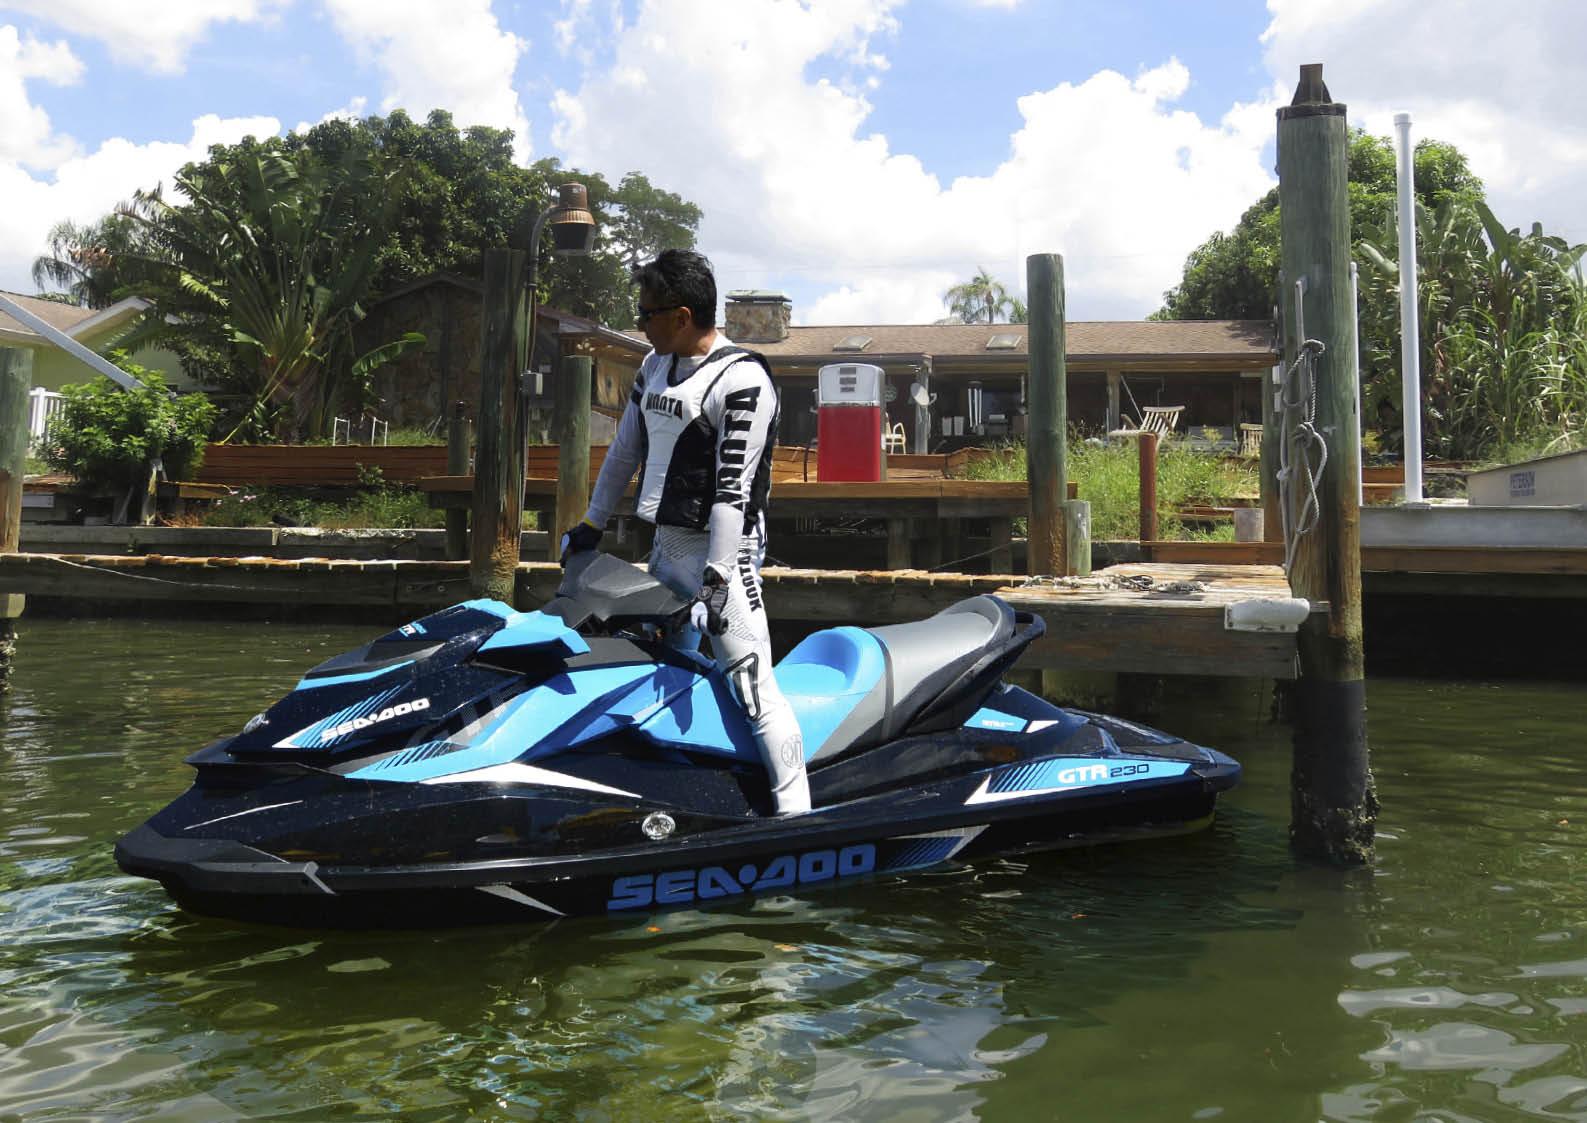 ガソリンの基本知識 (ジェットスキー)水上バイク